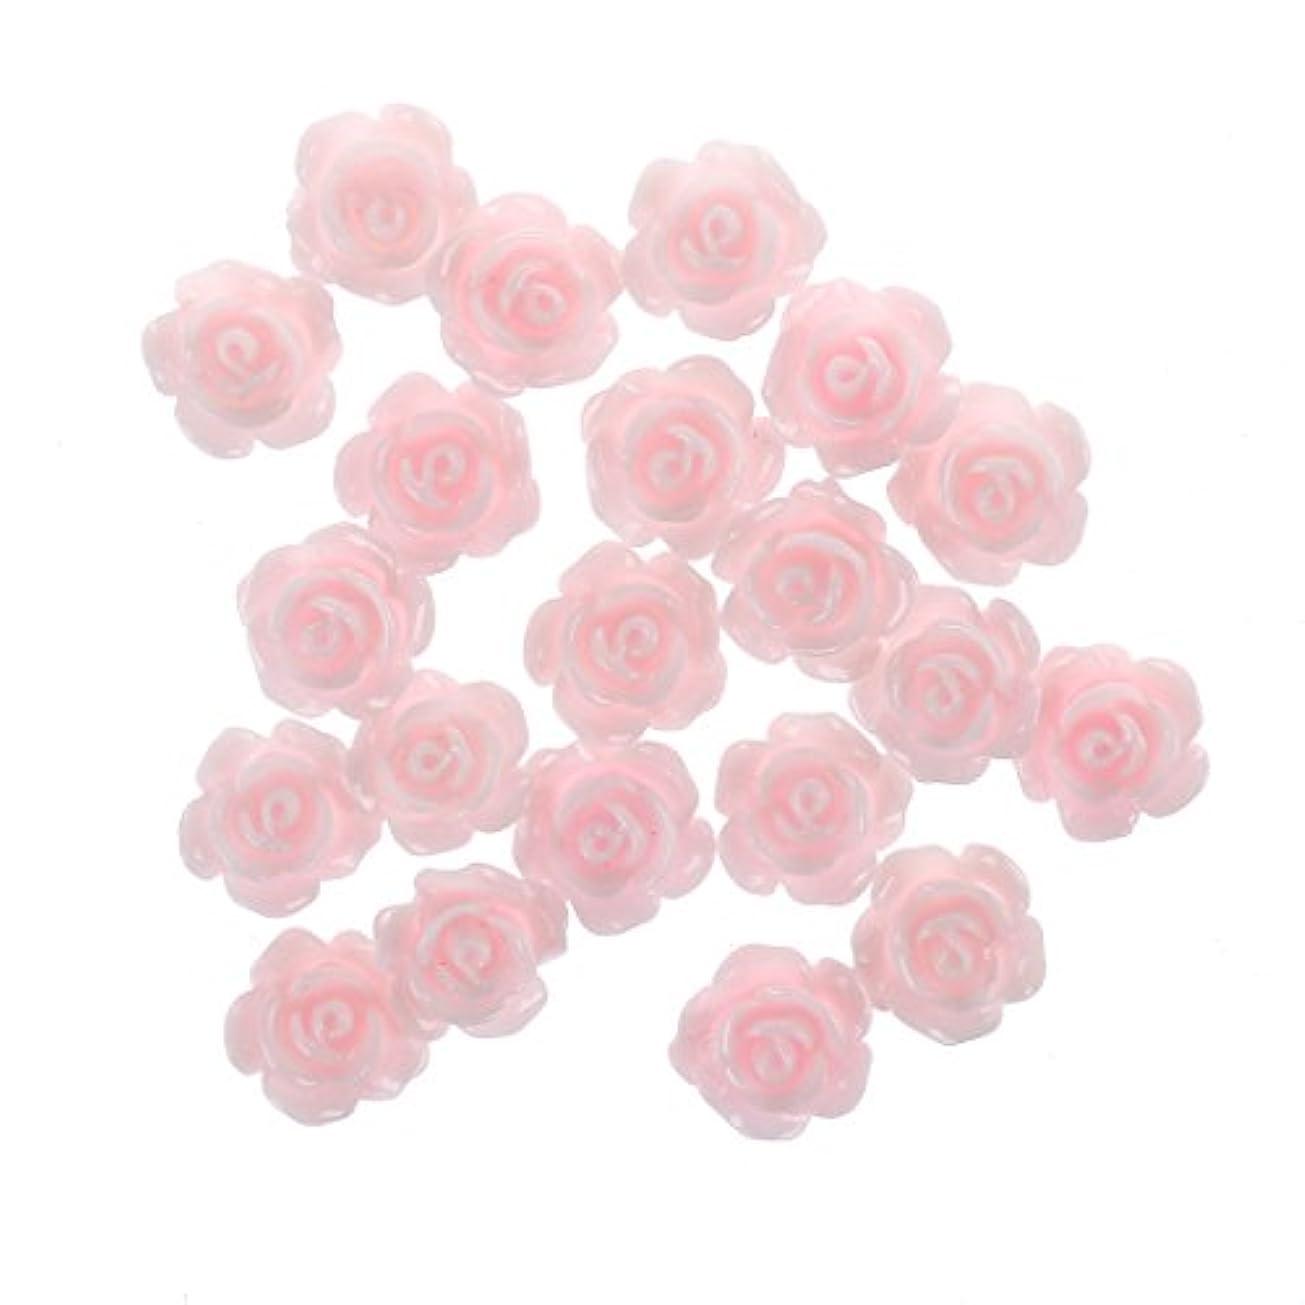 ラインナップ検証火曜日TYJP 20x3Dピンクの小さいバラ ラインストーン付きネイルアート装飾